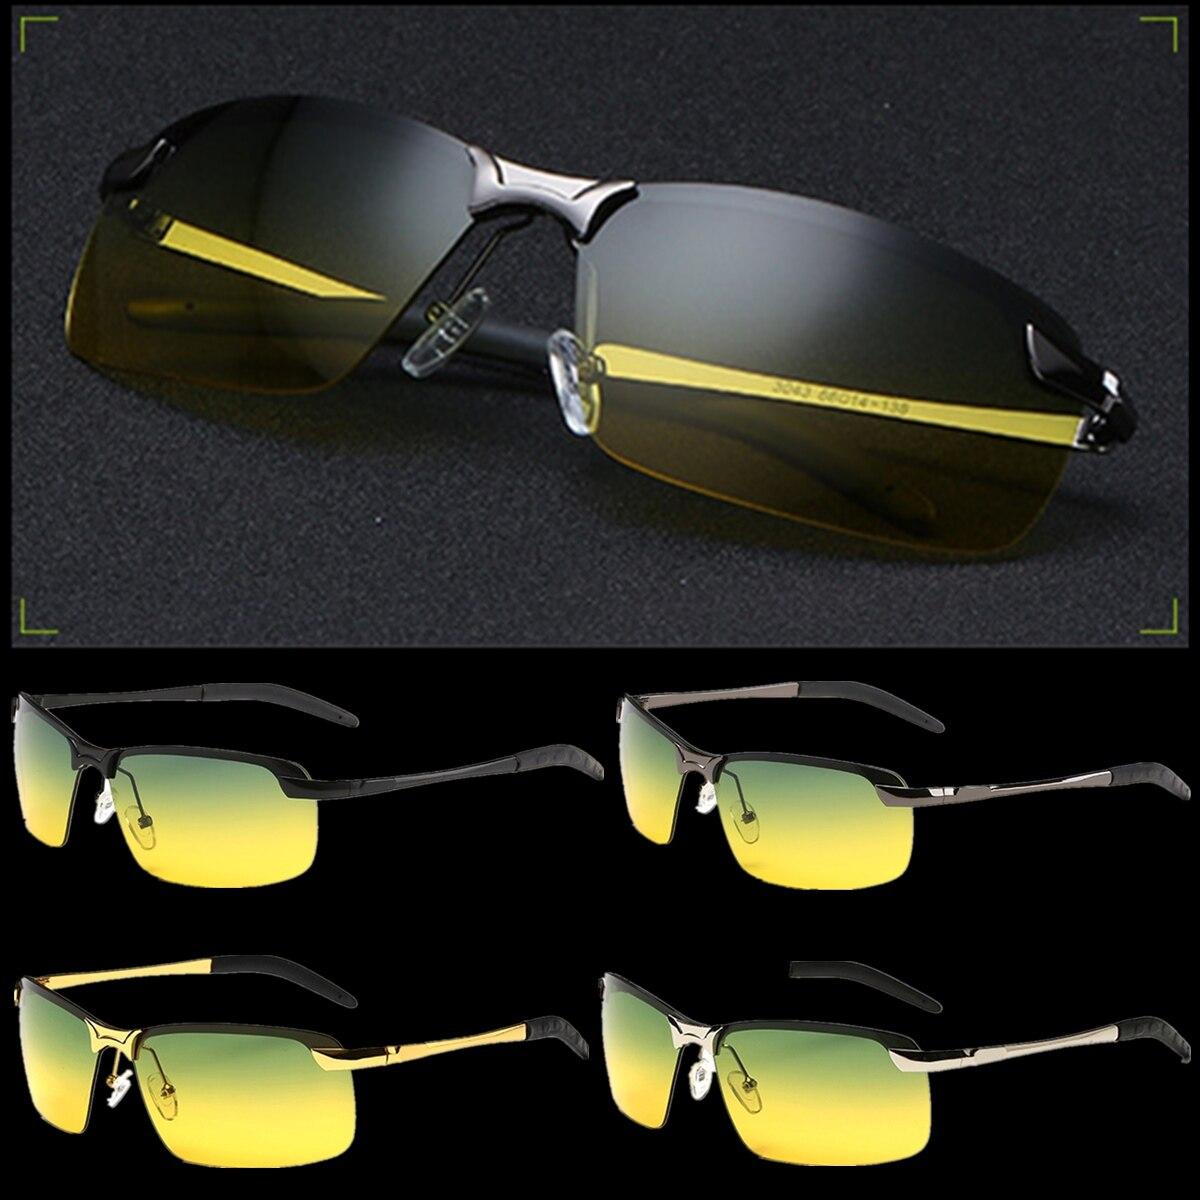 Мужские очки для ночного вождения с антибликовым покрытием, желтые солнцезащитные очки, металлические очки для ночного вождения, защитные ...